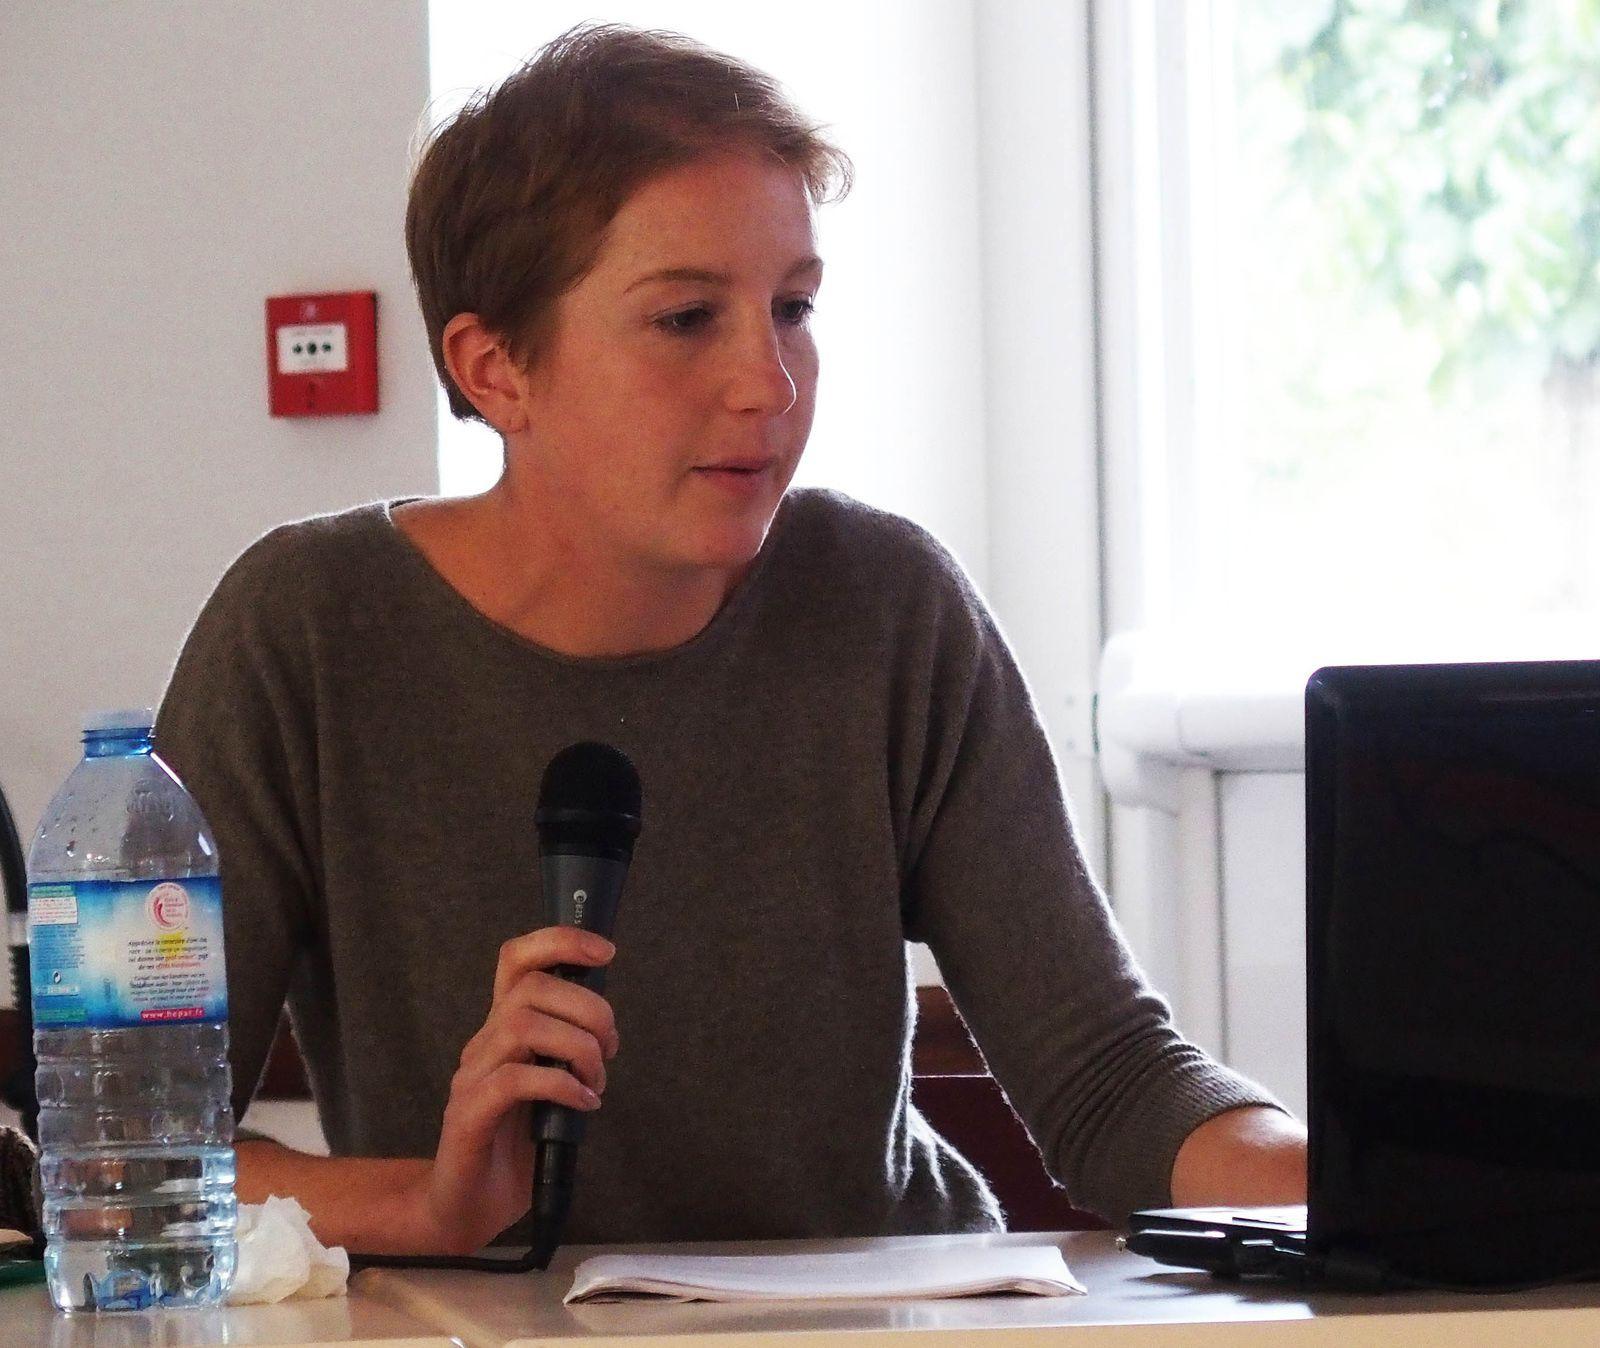 Conférence à Saint-Jacques de Néhou, Anne Sophie Grimard, la conférencière et le public attentif. Clichés Yves Marion, 4 octobre 2014